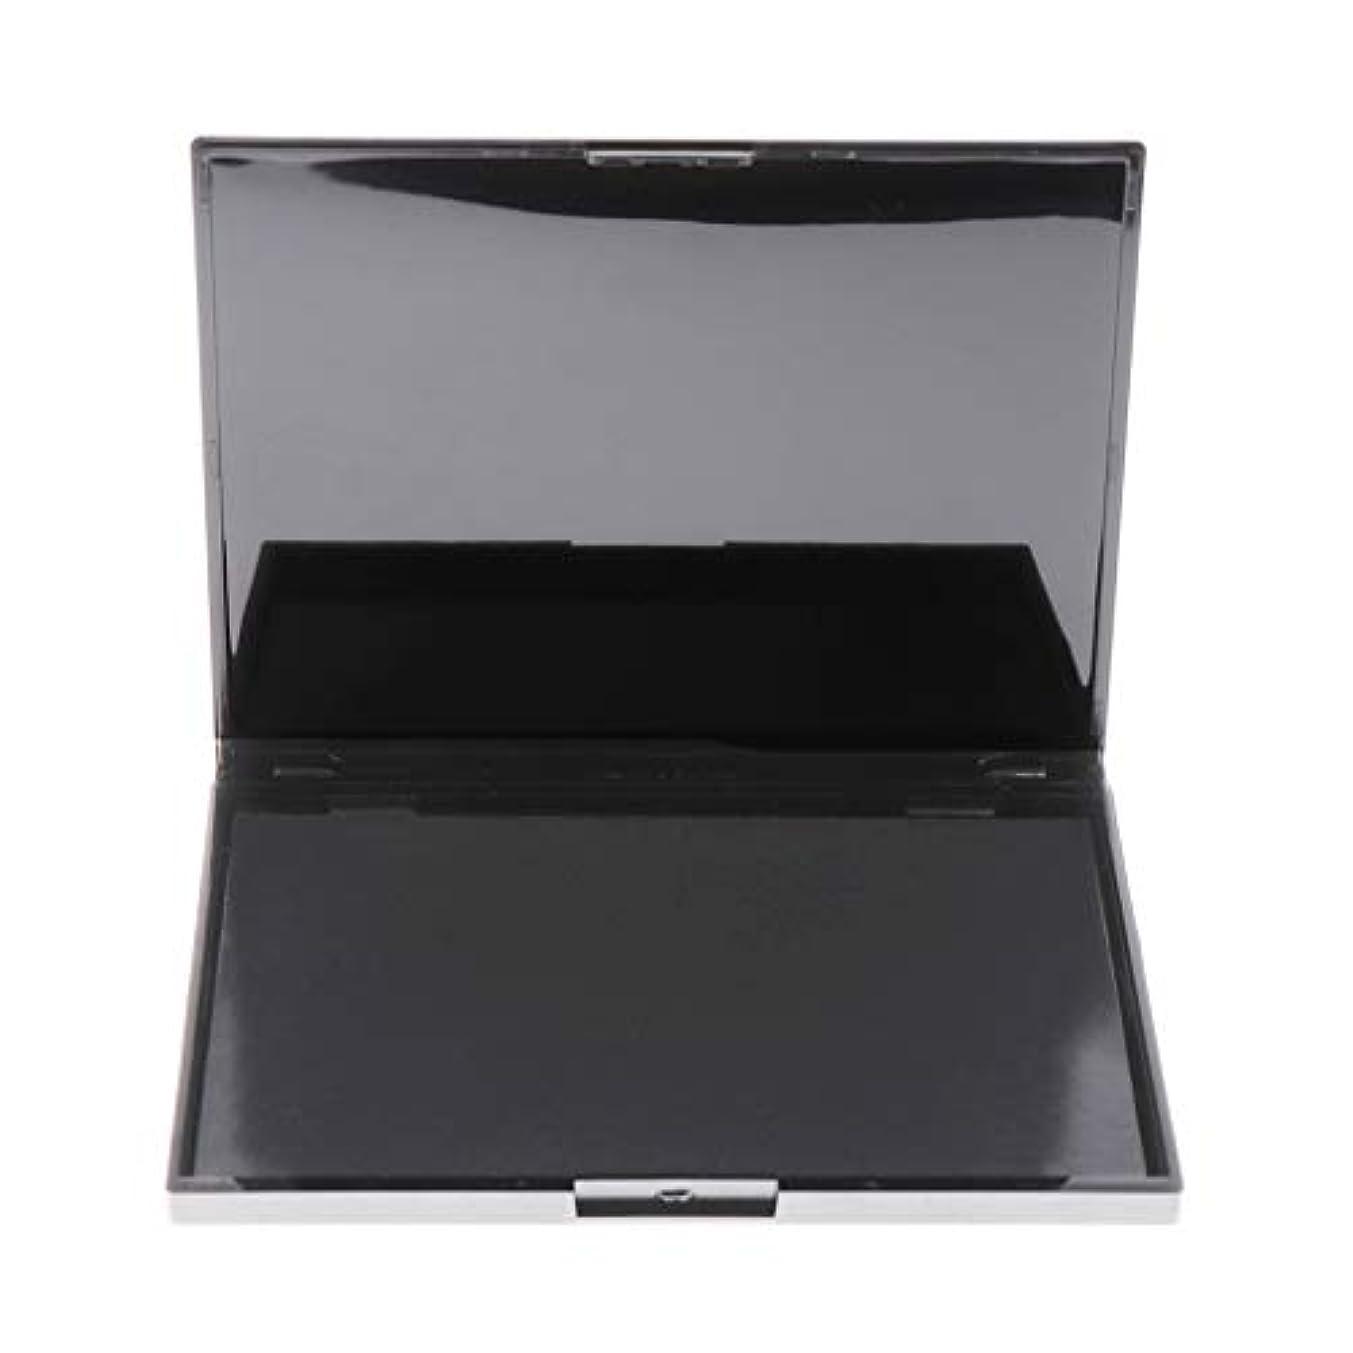 ダルセット陰気フレームワークメイクアップパレット 空ケース 15グリッド パウダーパレット アイシャドー パレット 旅行用品 全4色 - 03